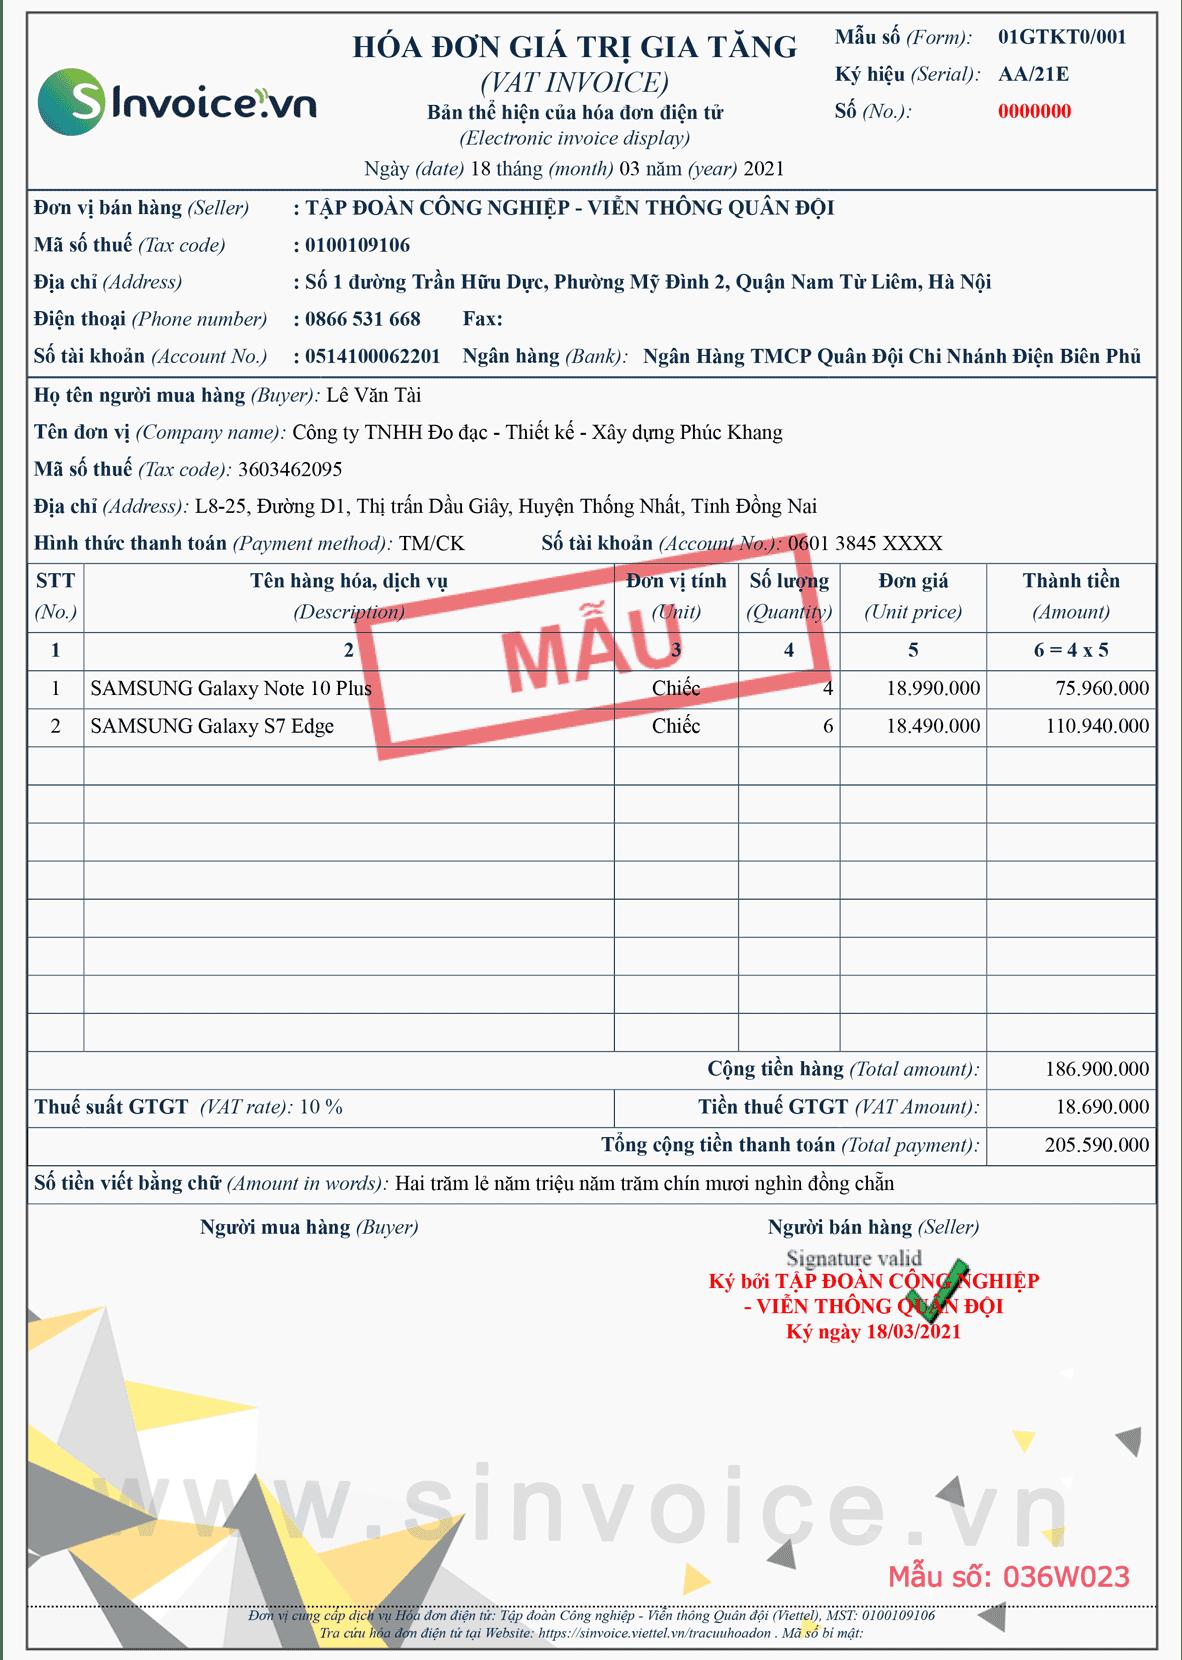 Mẫu hóa đơn điện tử số 036W023